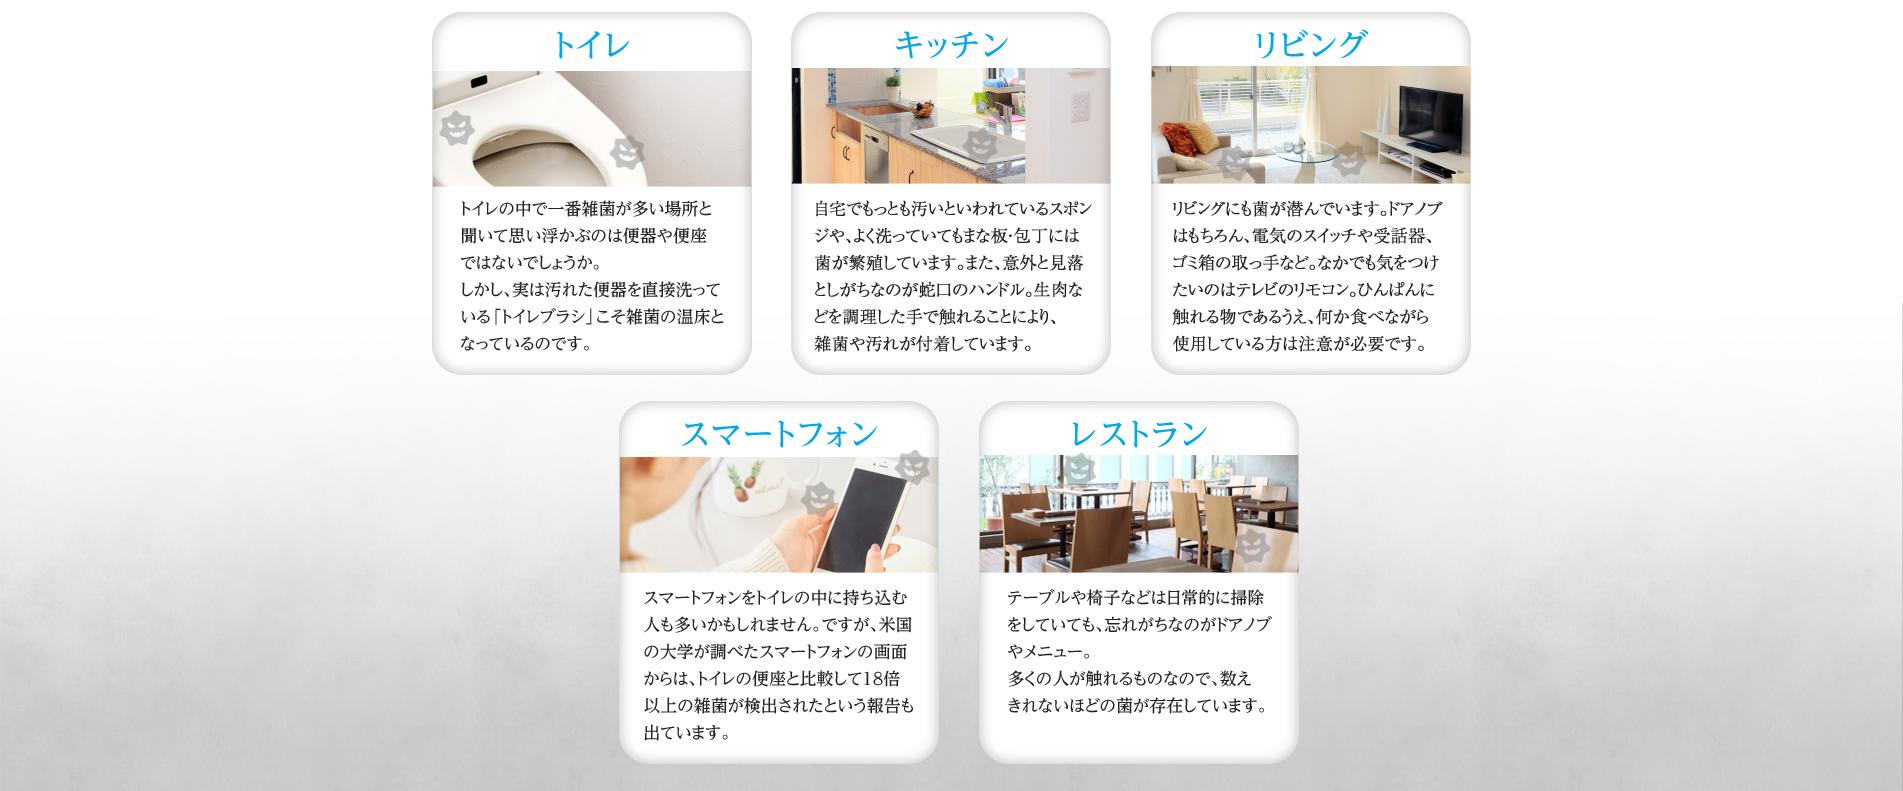 トイレ、キッチン、リビング、スマートフォン、レストラン